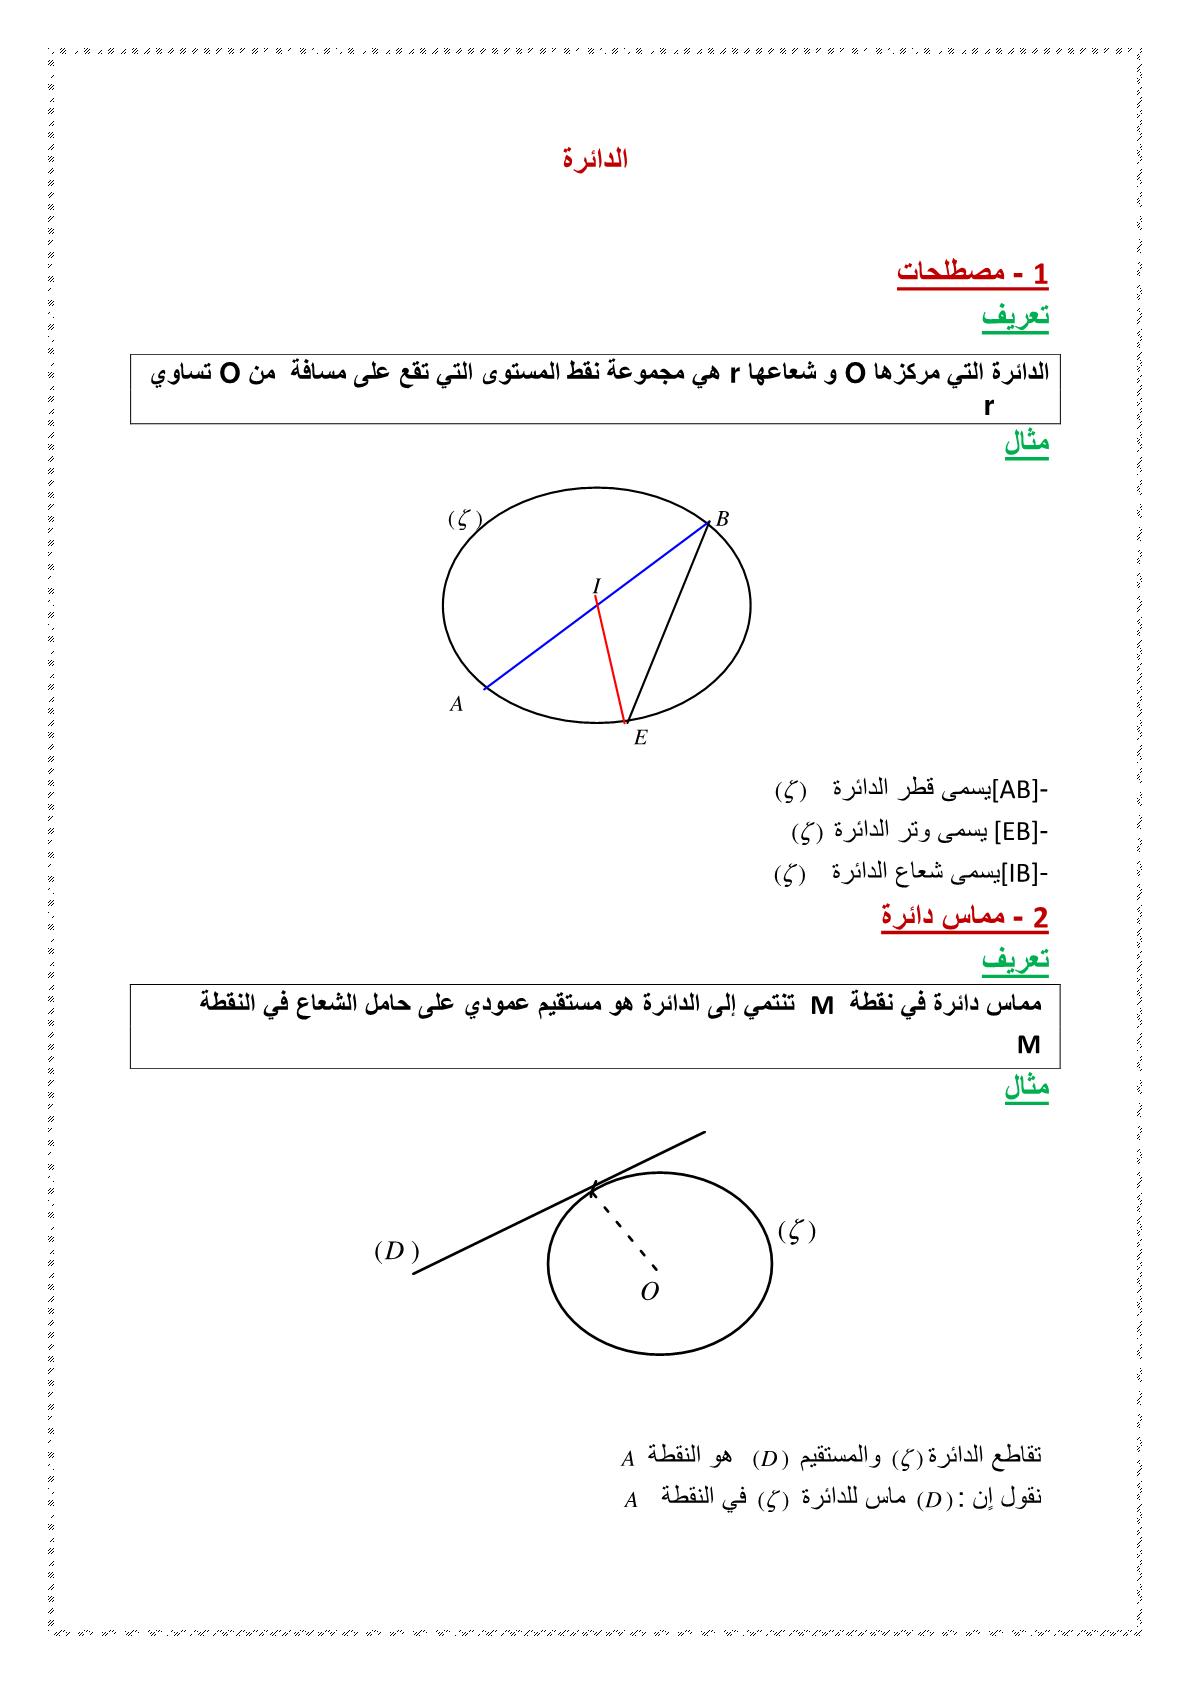 درس الدائرة مادة الرياضيات للسنة الاولى اعدادي